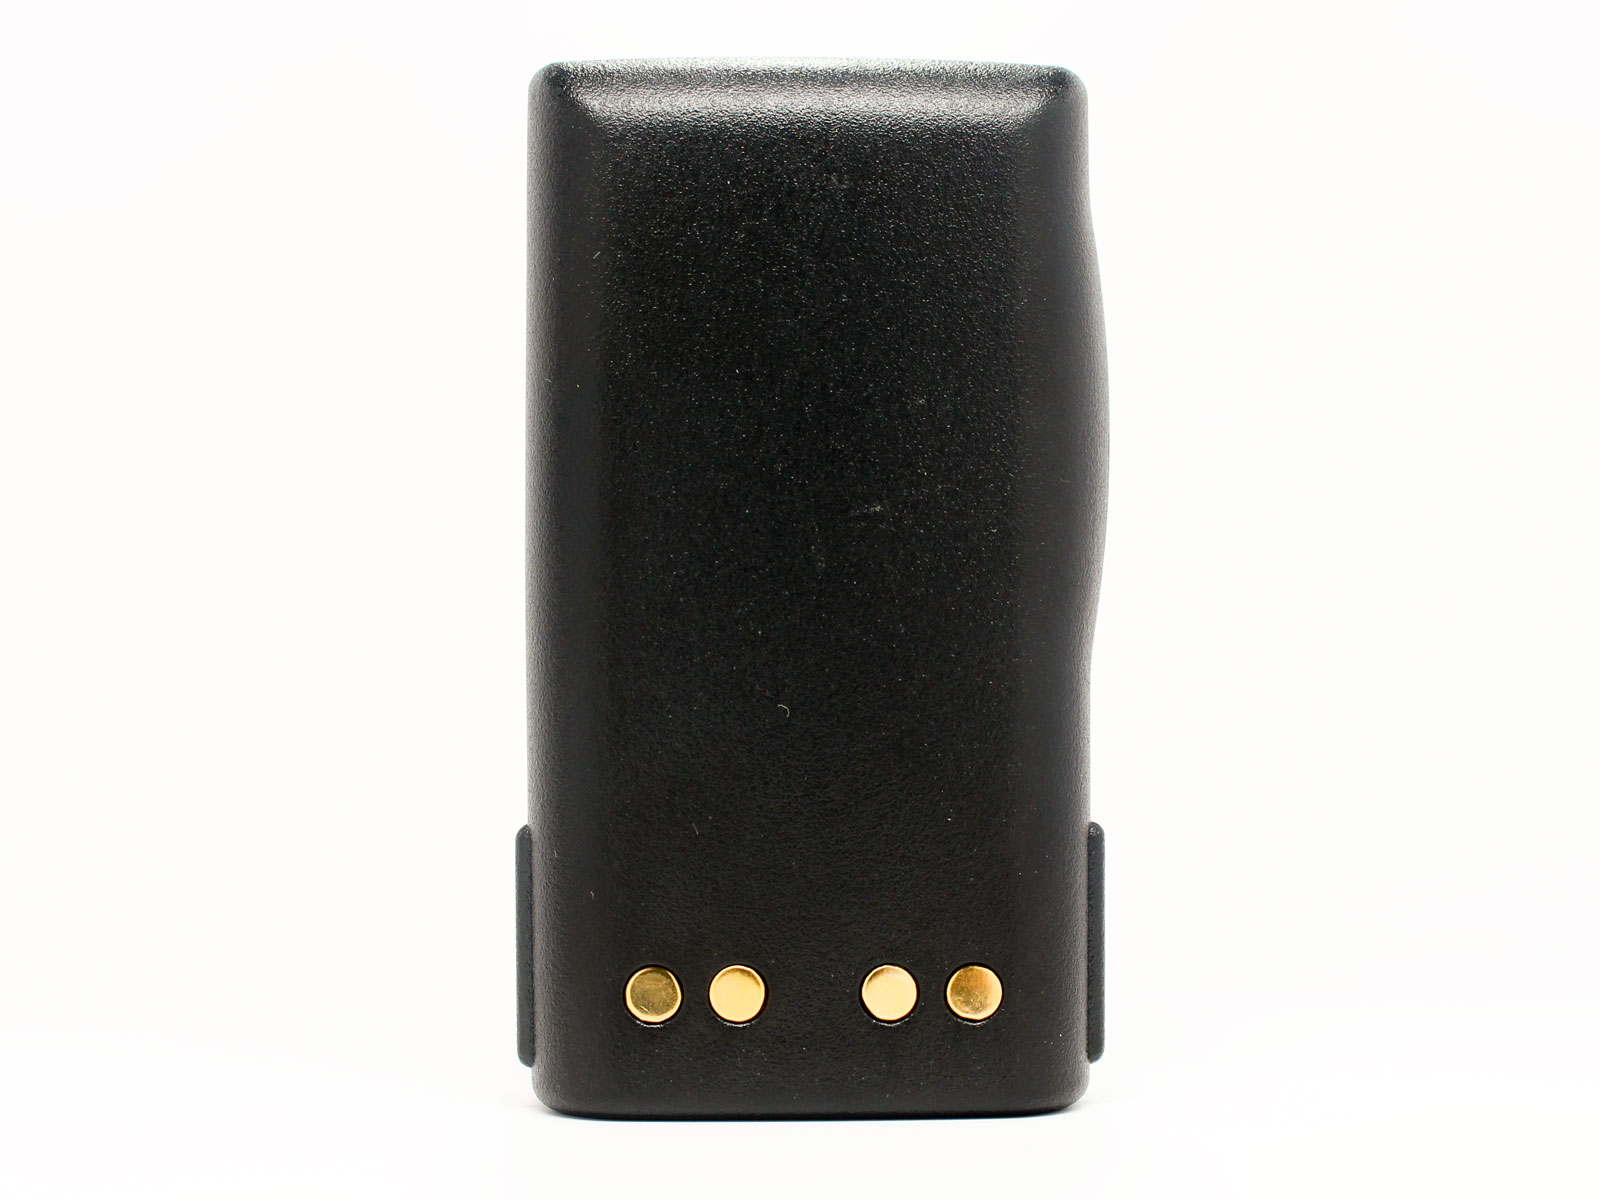 NIMH Motorola VISAR Battery Replacement 2000mAh